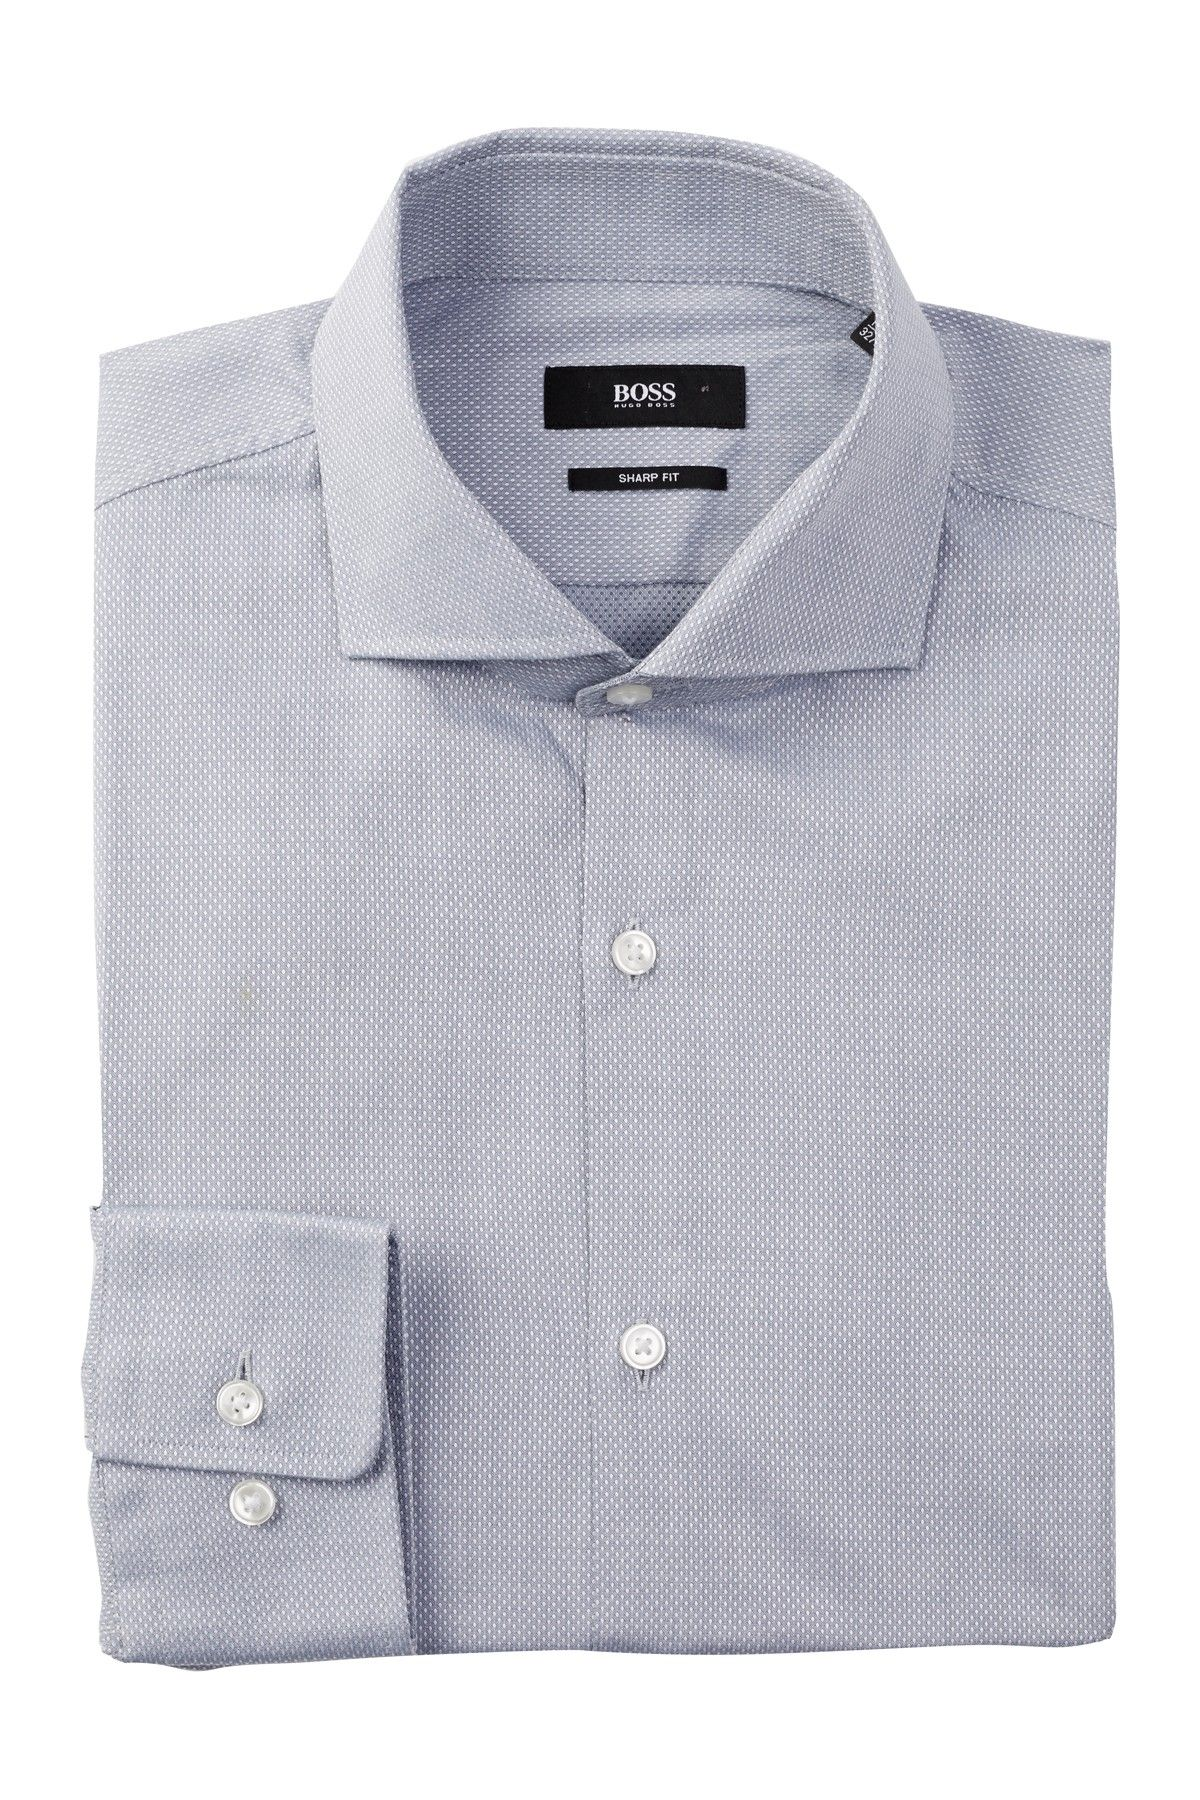 Mark Sharp Fit Dress Shirt